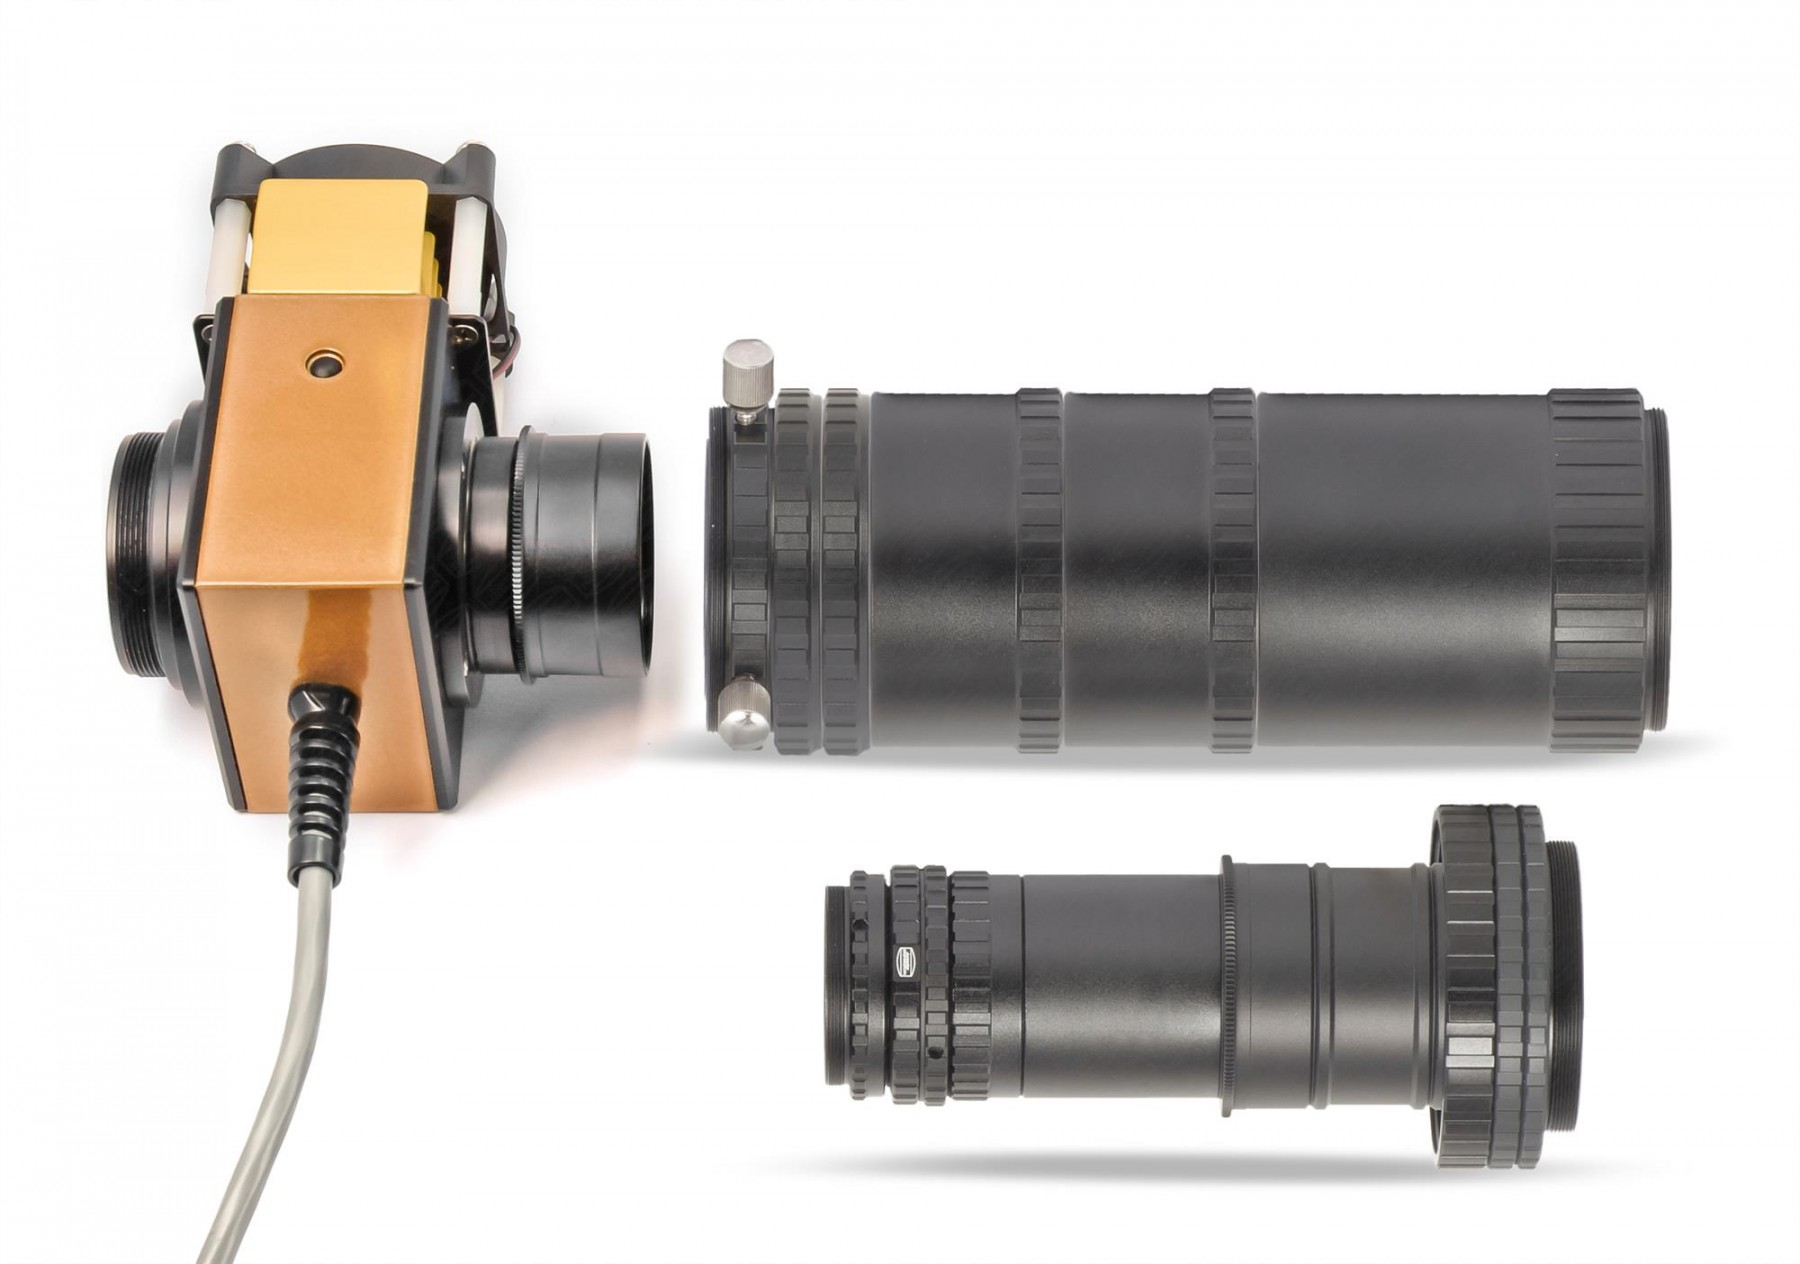 Anwendungsbild: M68 Tele-Kompendium mit Telezentrischem System und SolarSpectrum H-alpha Filter